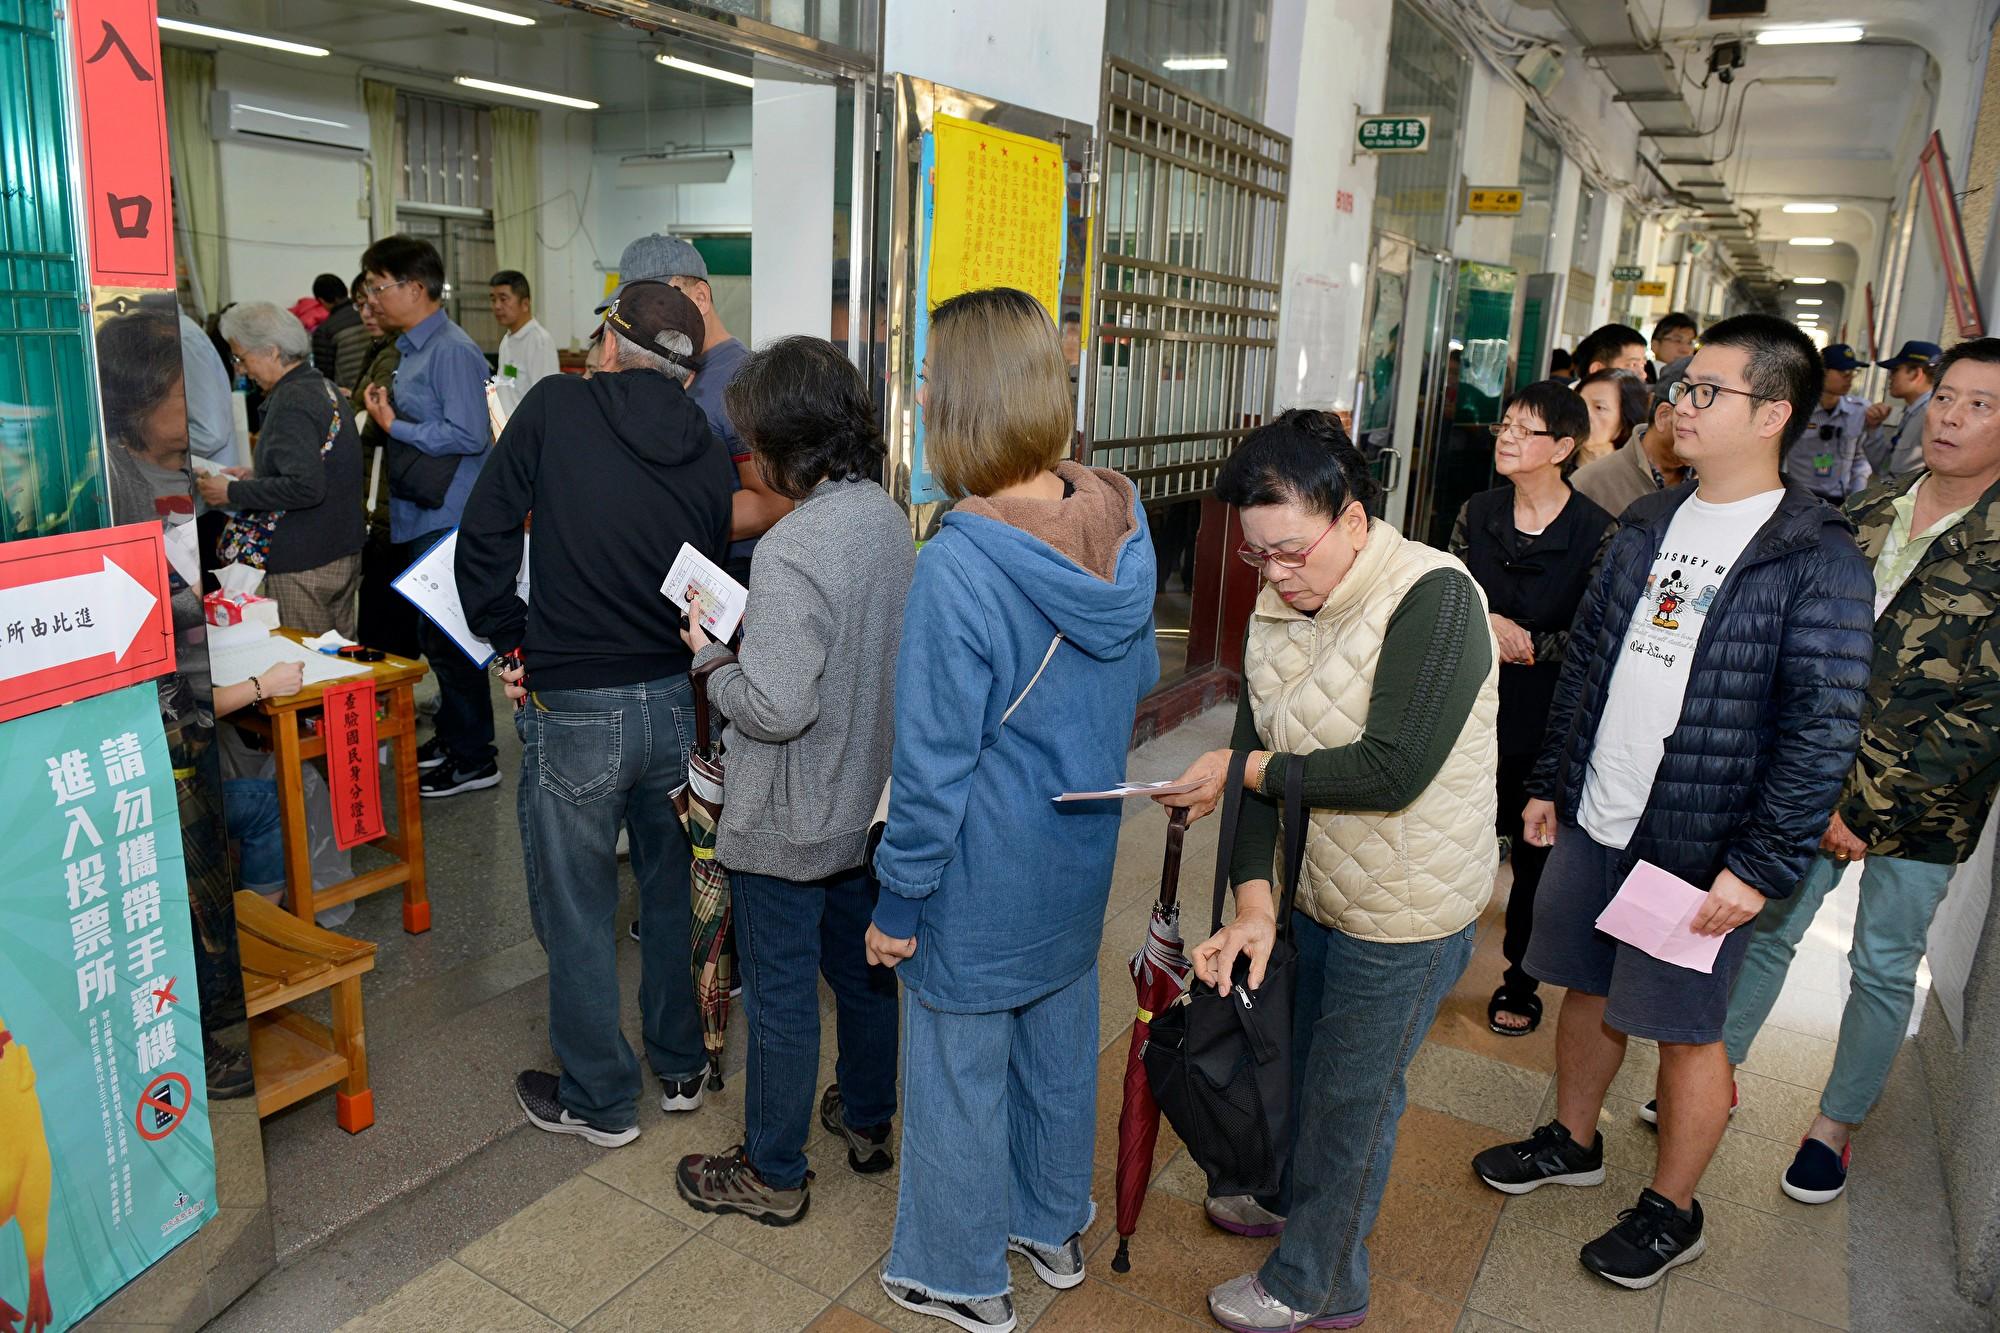 台灣大選 北京布線投票所盯場 補助台商返台